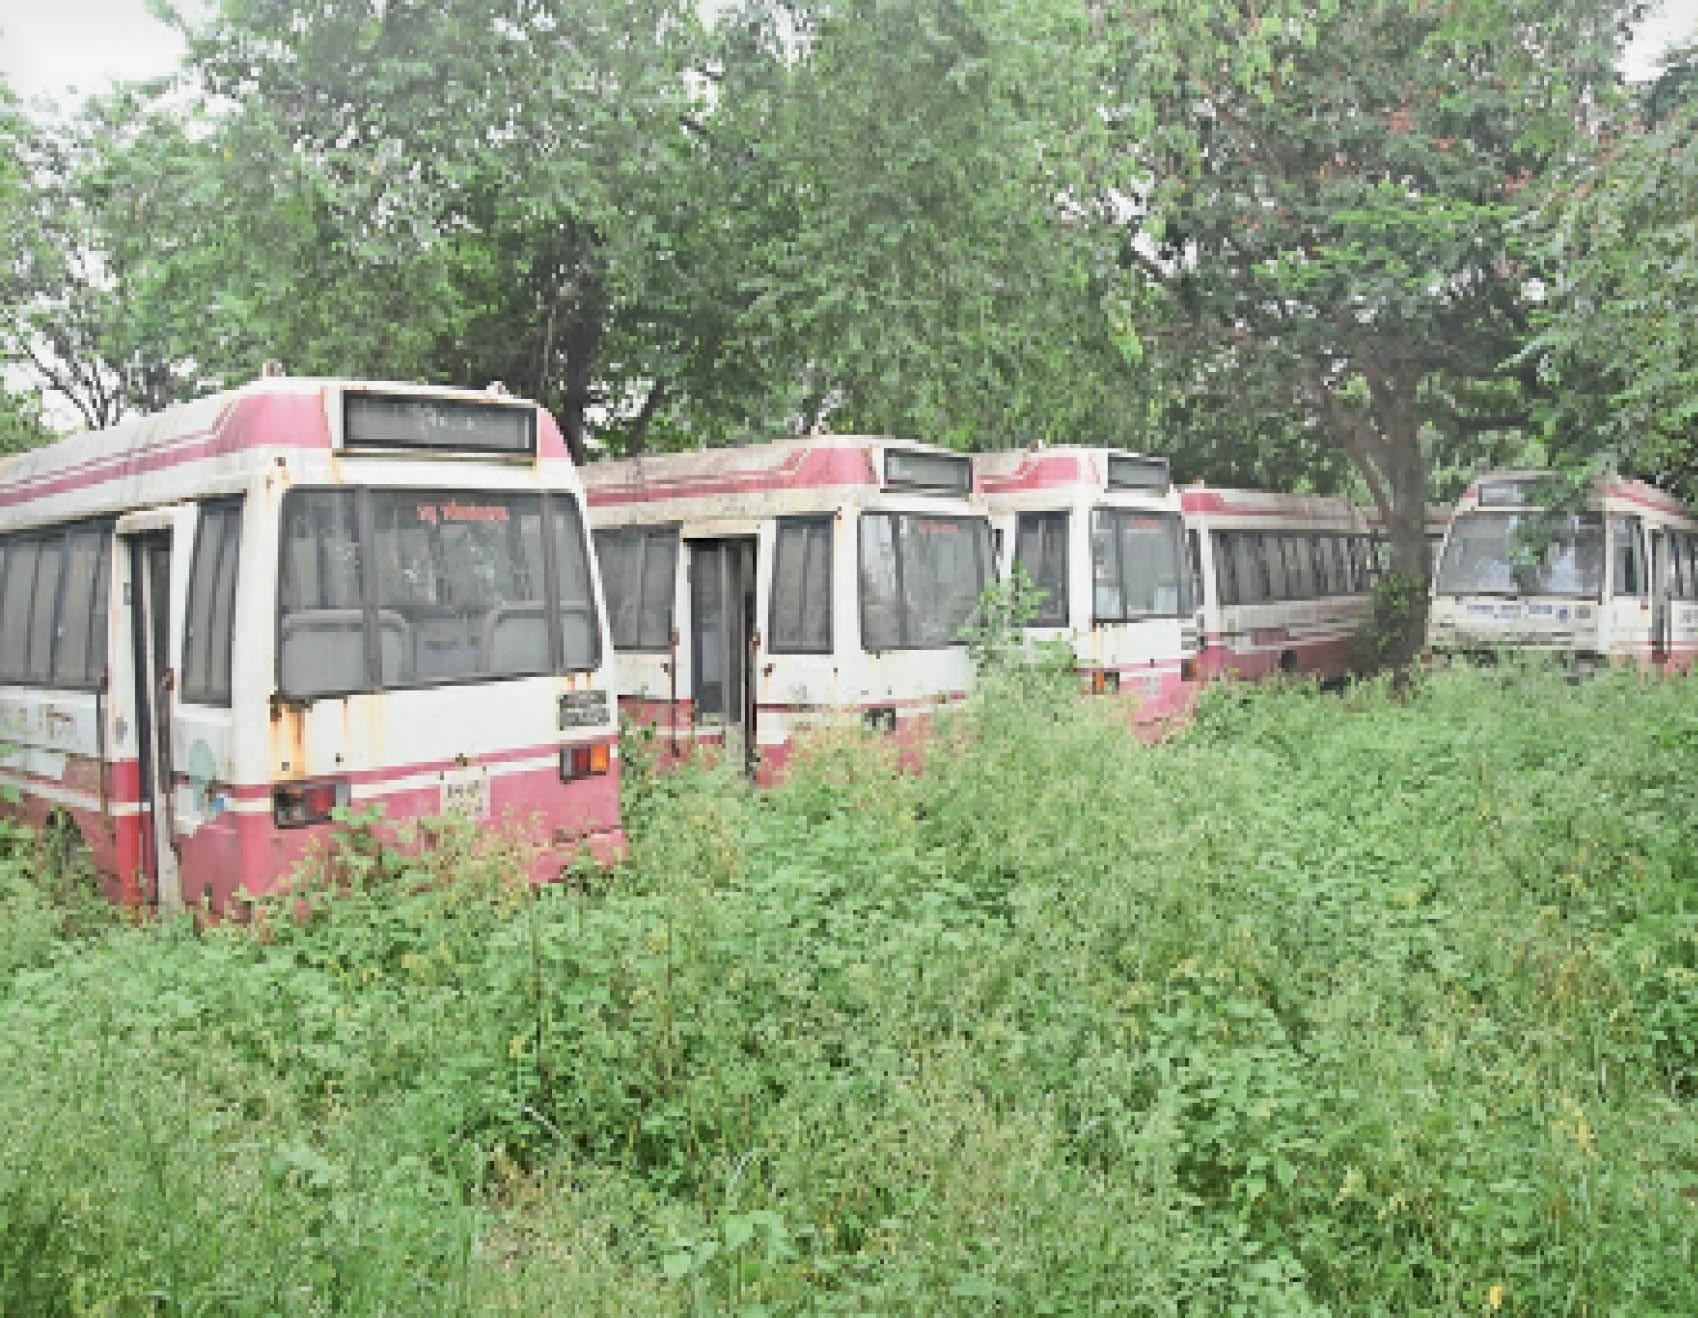 बरटांड़ का स्टैंड बना है सिटी बसों का कब्रिस्तान - Dainik Bhaskar